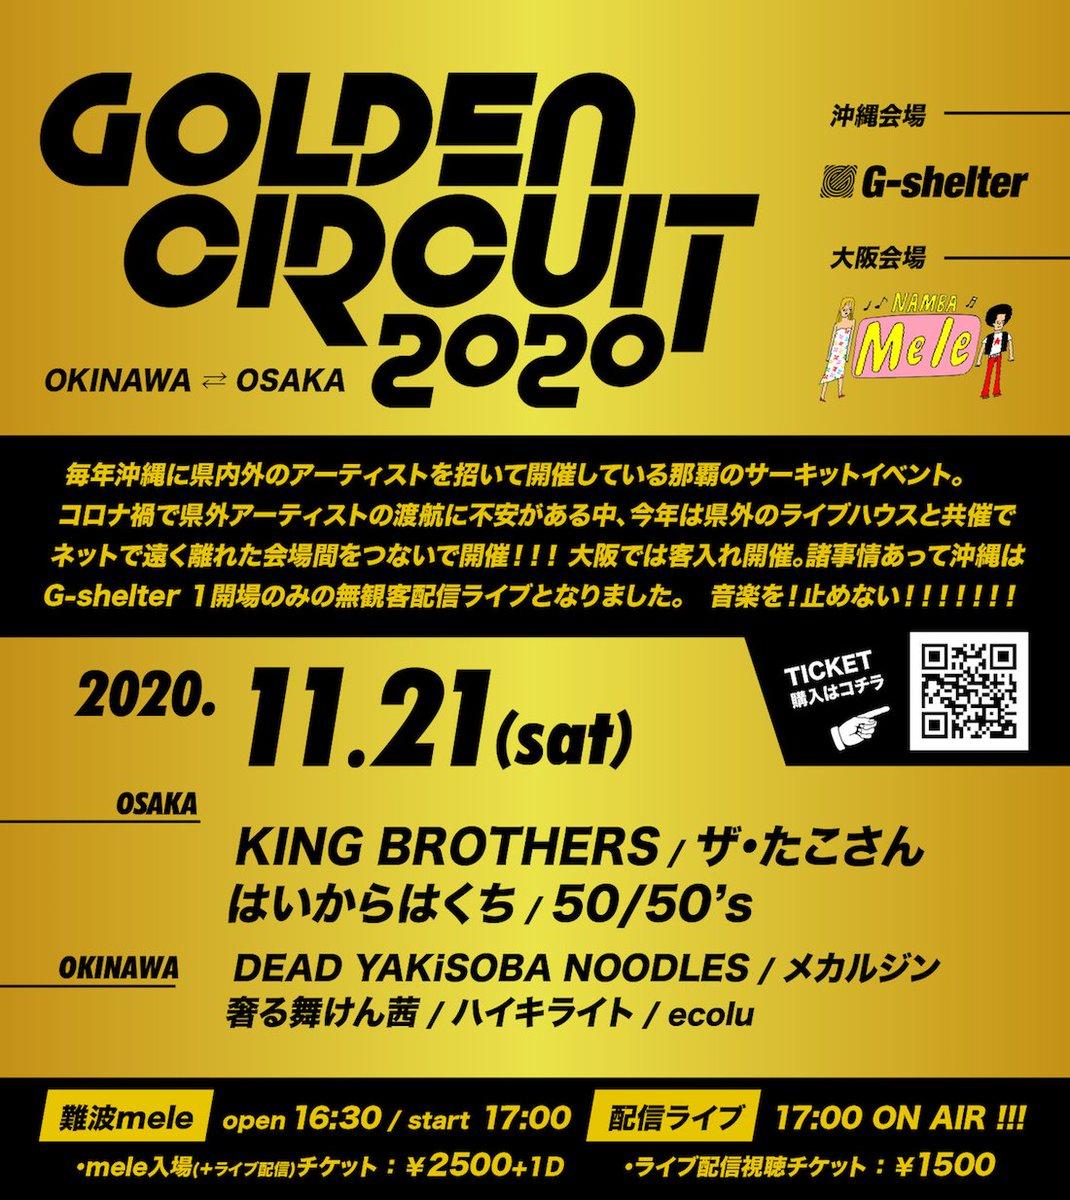 【イベント情報】11/21(土)